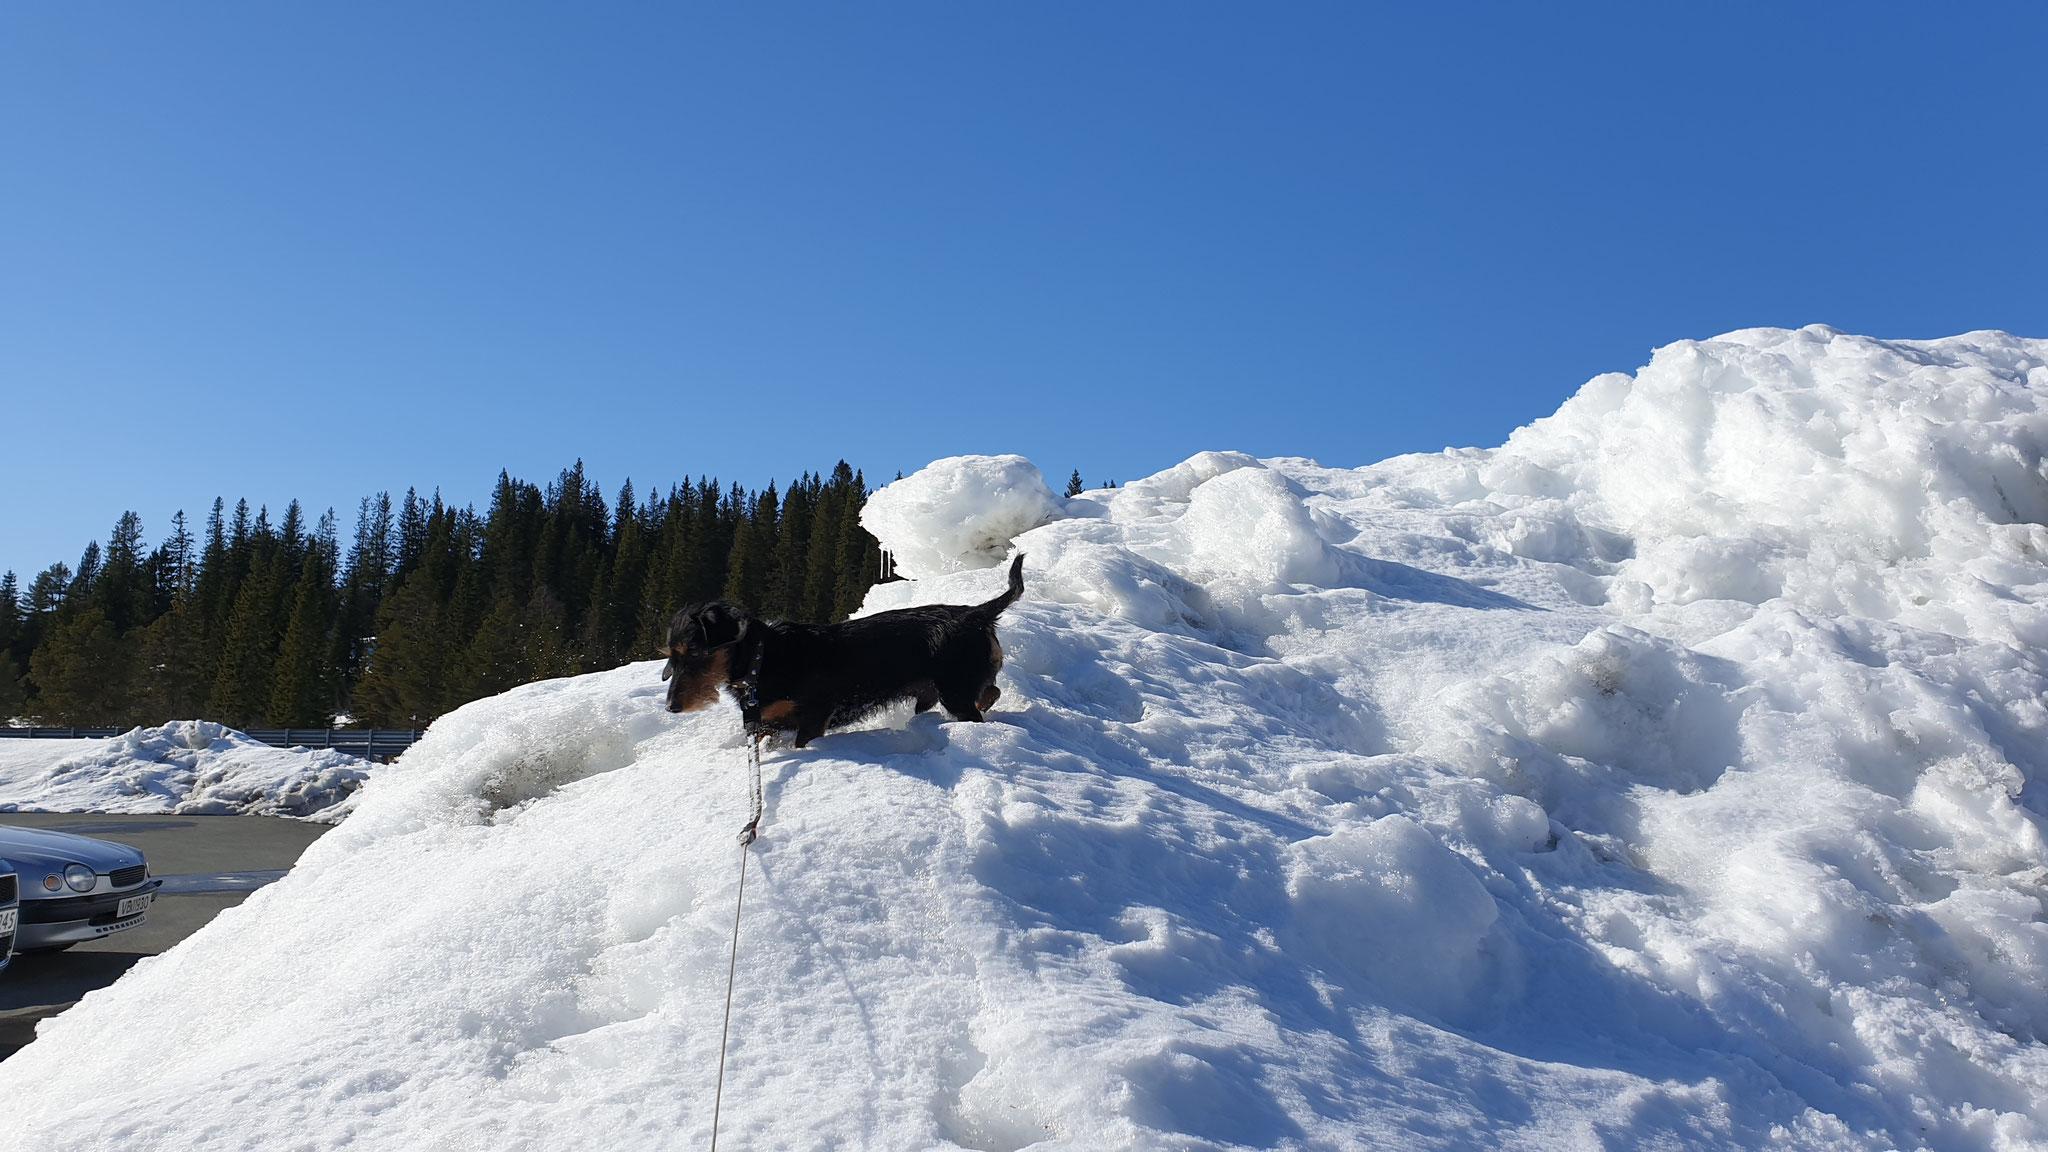 Olly geniesst den Schnee